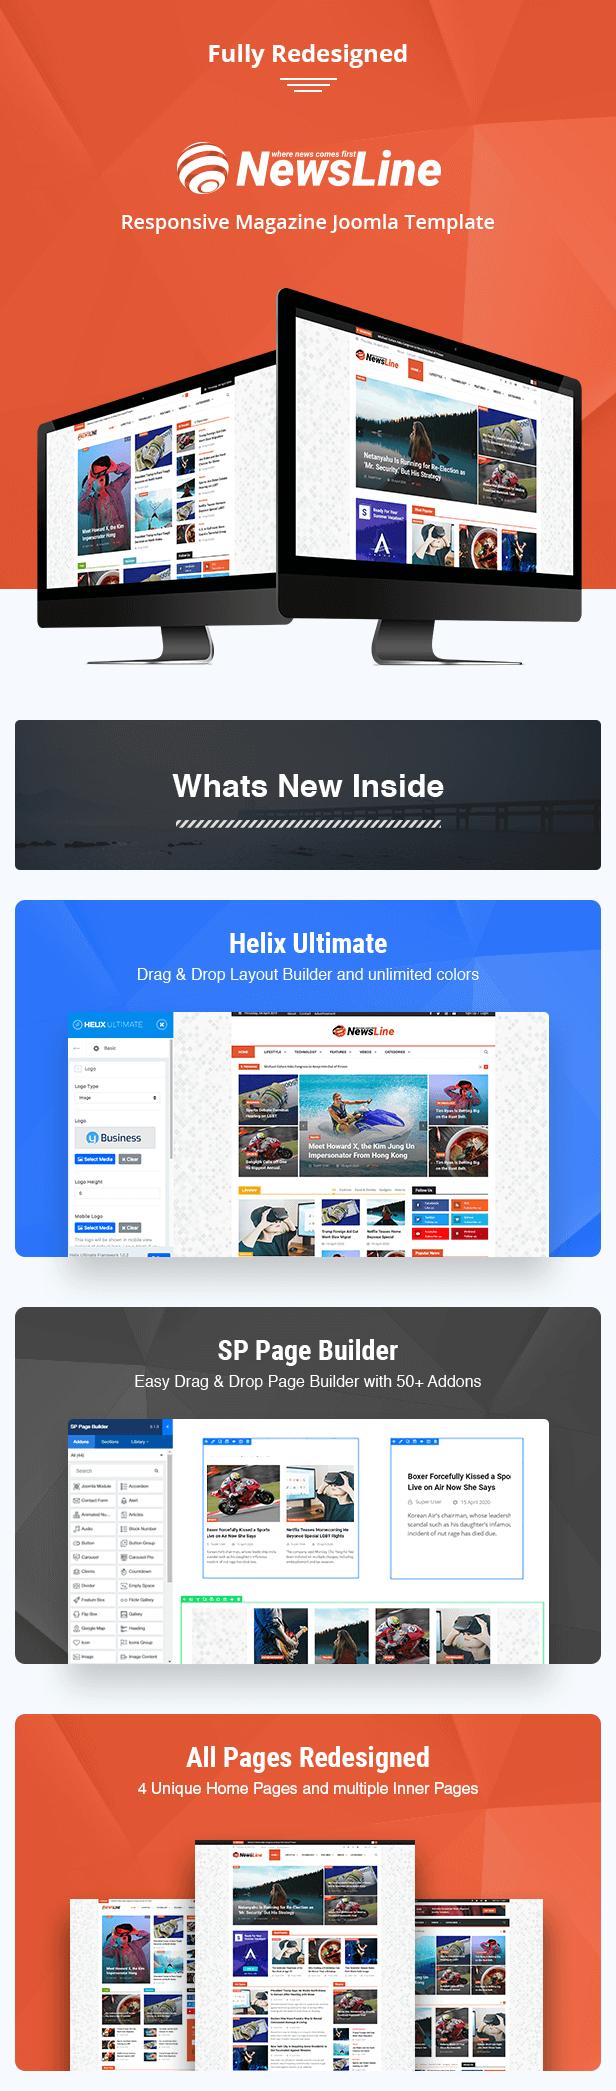 Newsline Joomla Features